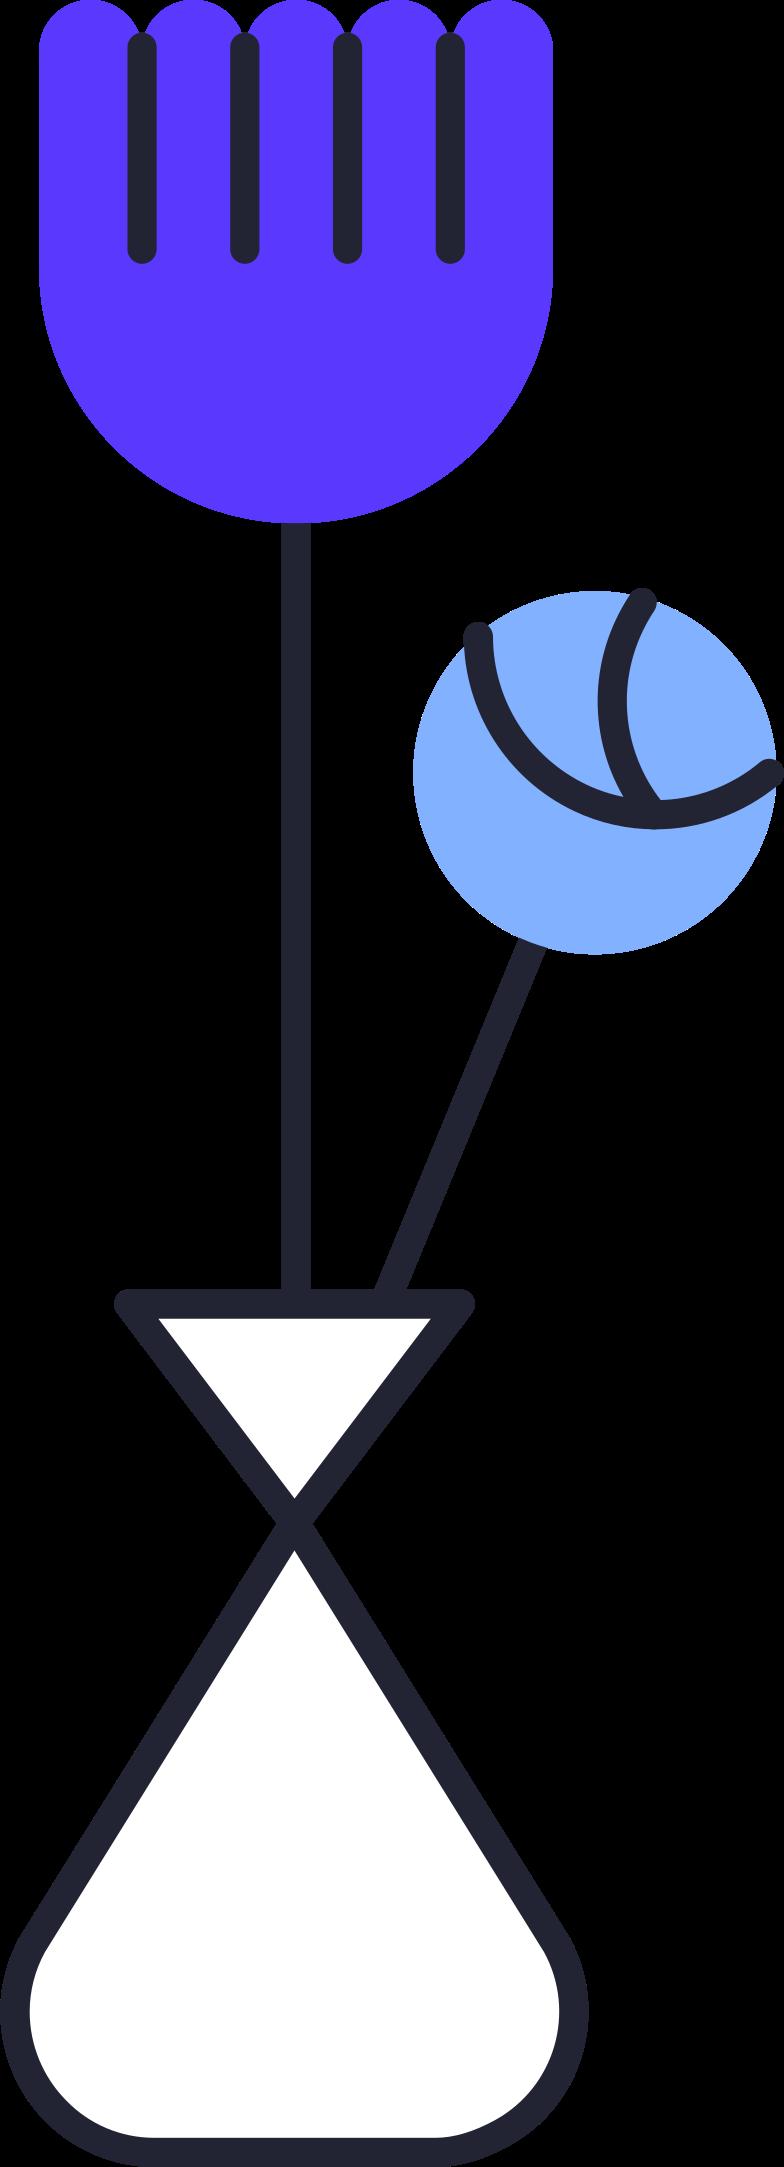 Ilustración de clipart de come back later  flowers in vase en PNG, SVG